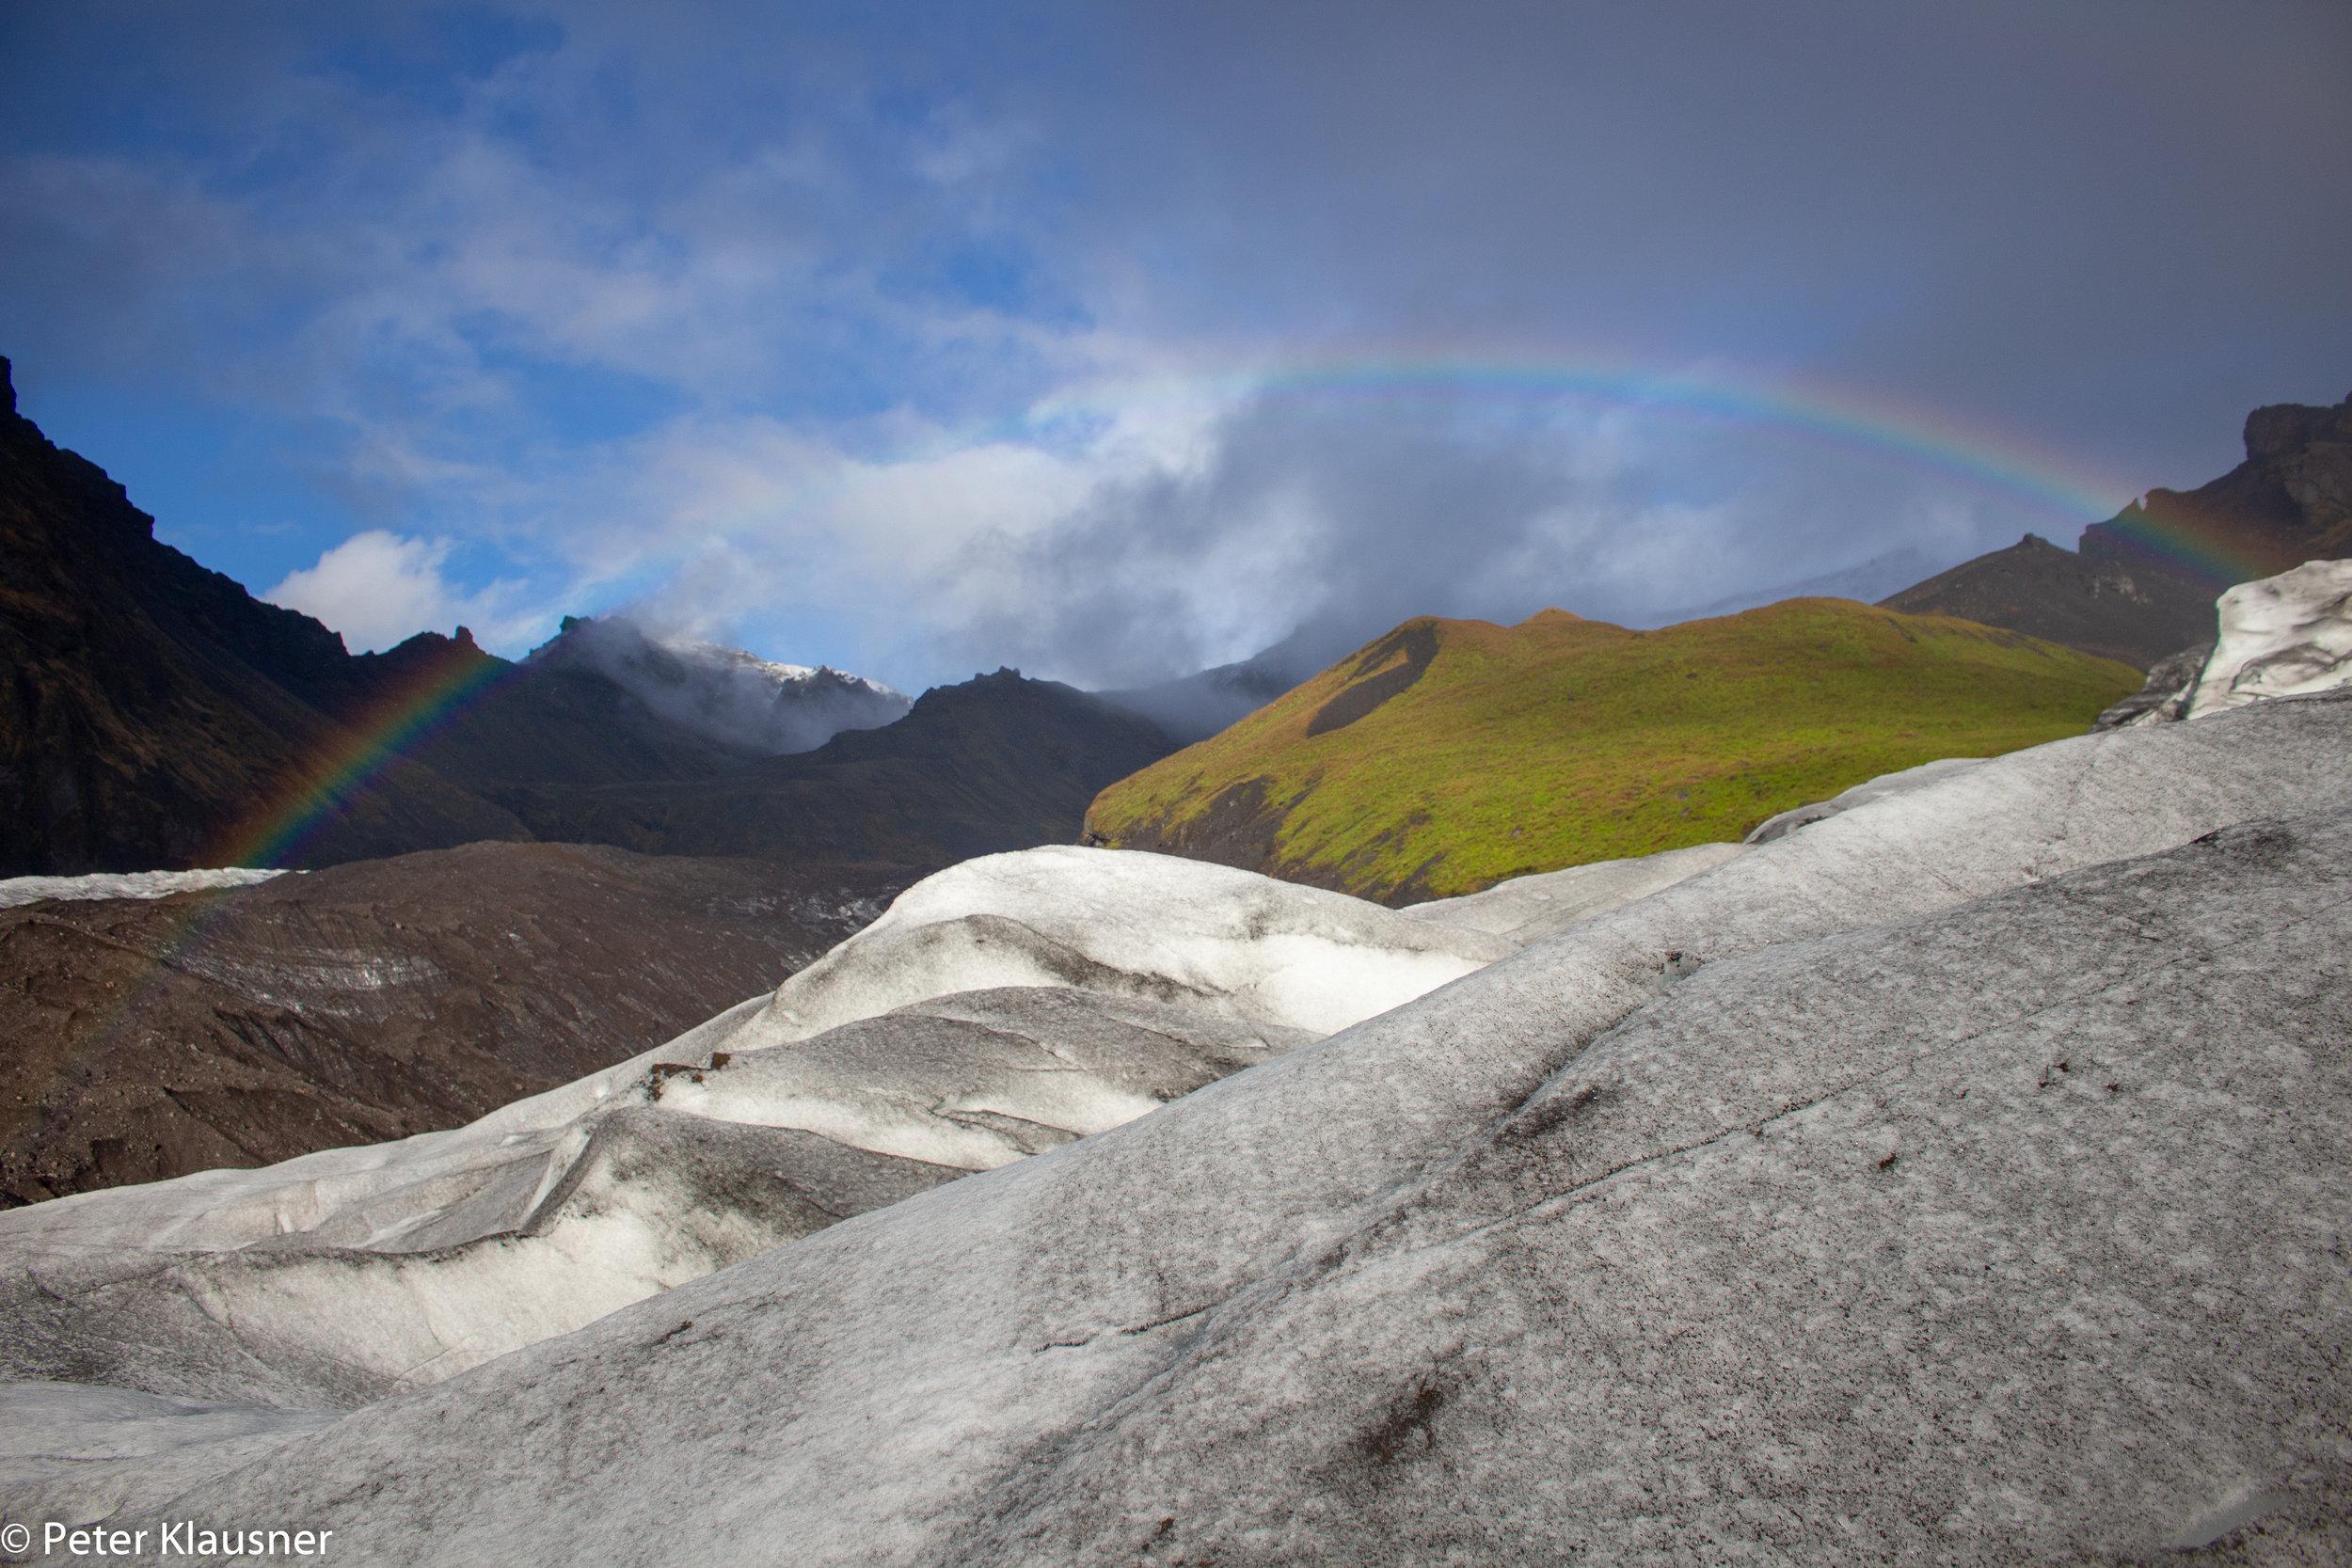 IcelandWebsite-28.jpg